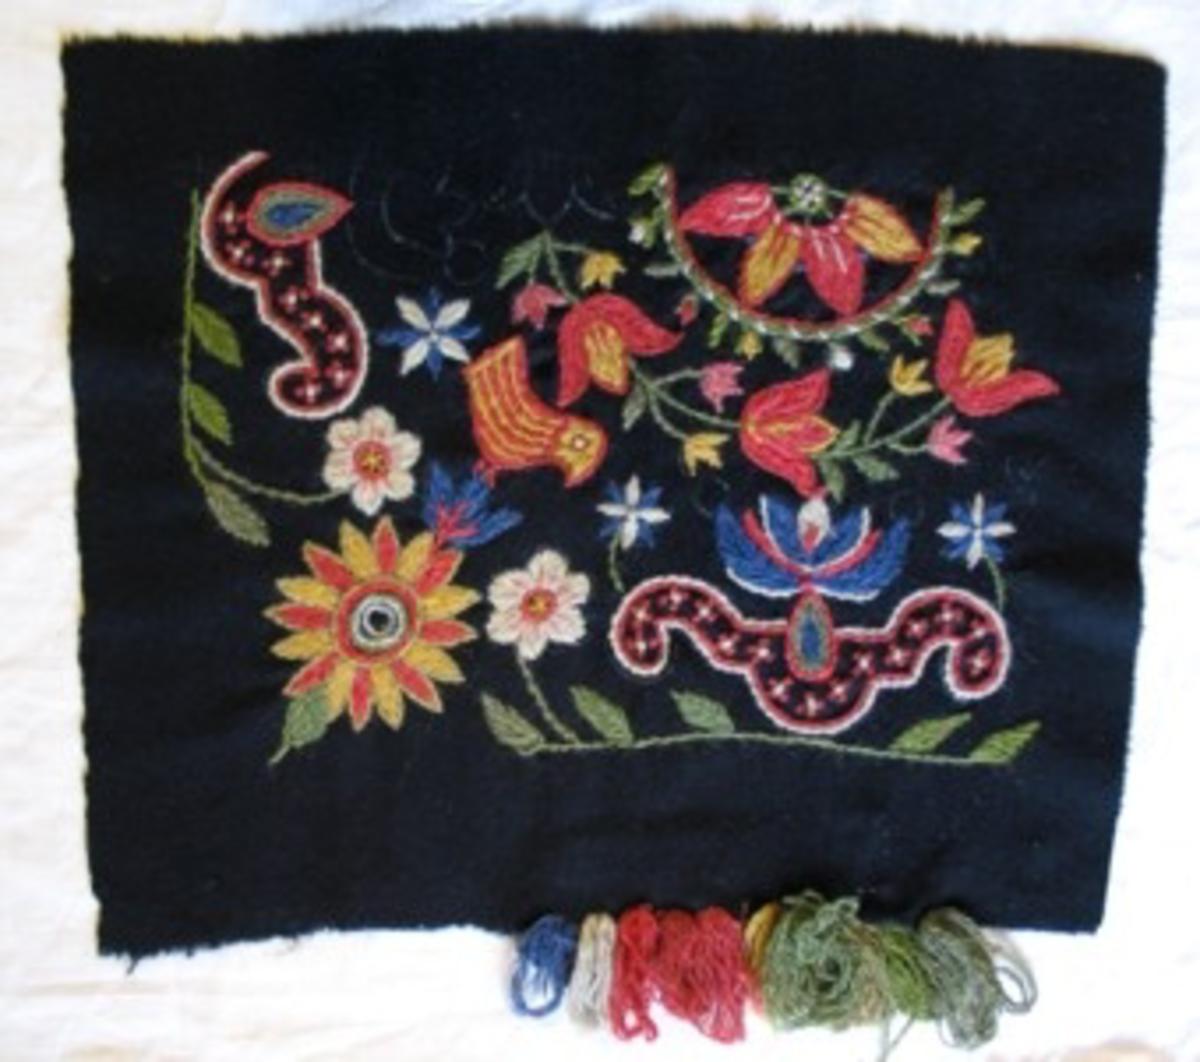 """Yllebroderiprov broderat på ylletyg med löstvinnat tvåtrådigt ullgarn. Två nyanser tvinnade samman. Tofsar av garnprover fästade vid ena kanten: 4 gröna blandningar, 1 gul, 3 röda, 1 naturvit, 1 blå. Troligen 1/4 av ett kvadratiskt broderi uppbroderad: 8-flikig blomma i cirkel i centrum, krans med tulpaner utanför. Urna med blomma på sidorna, hörnet en större blomma, varpå en fågel sitter. Äldre märkning baktill på påsytt band: """"GÄRDS HÄRAD, KAT. N:r 7, PL. N:r 1220""""."""